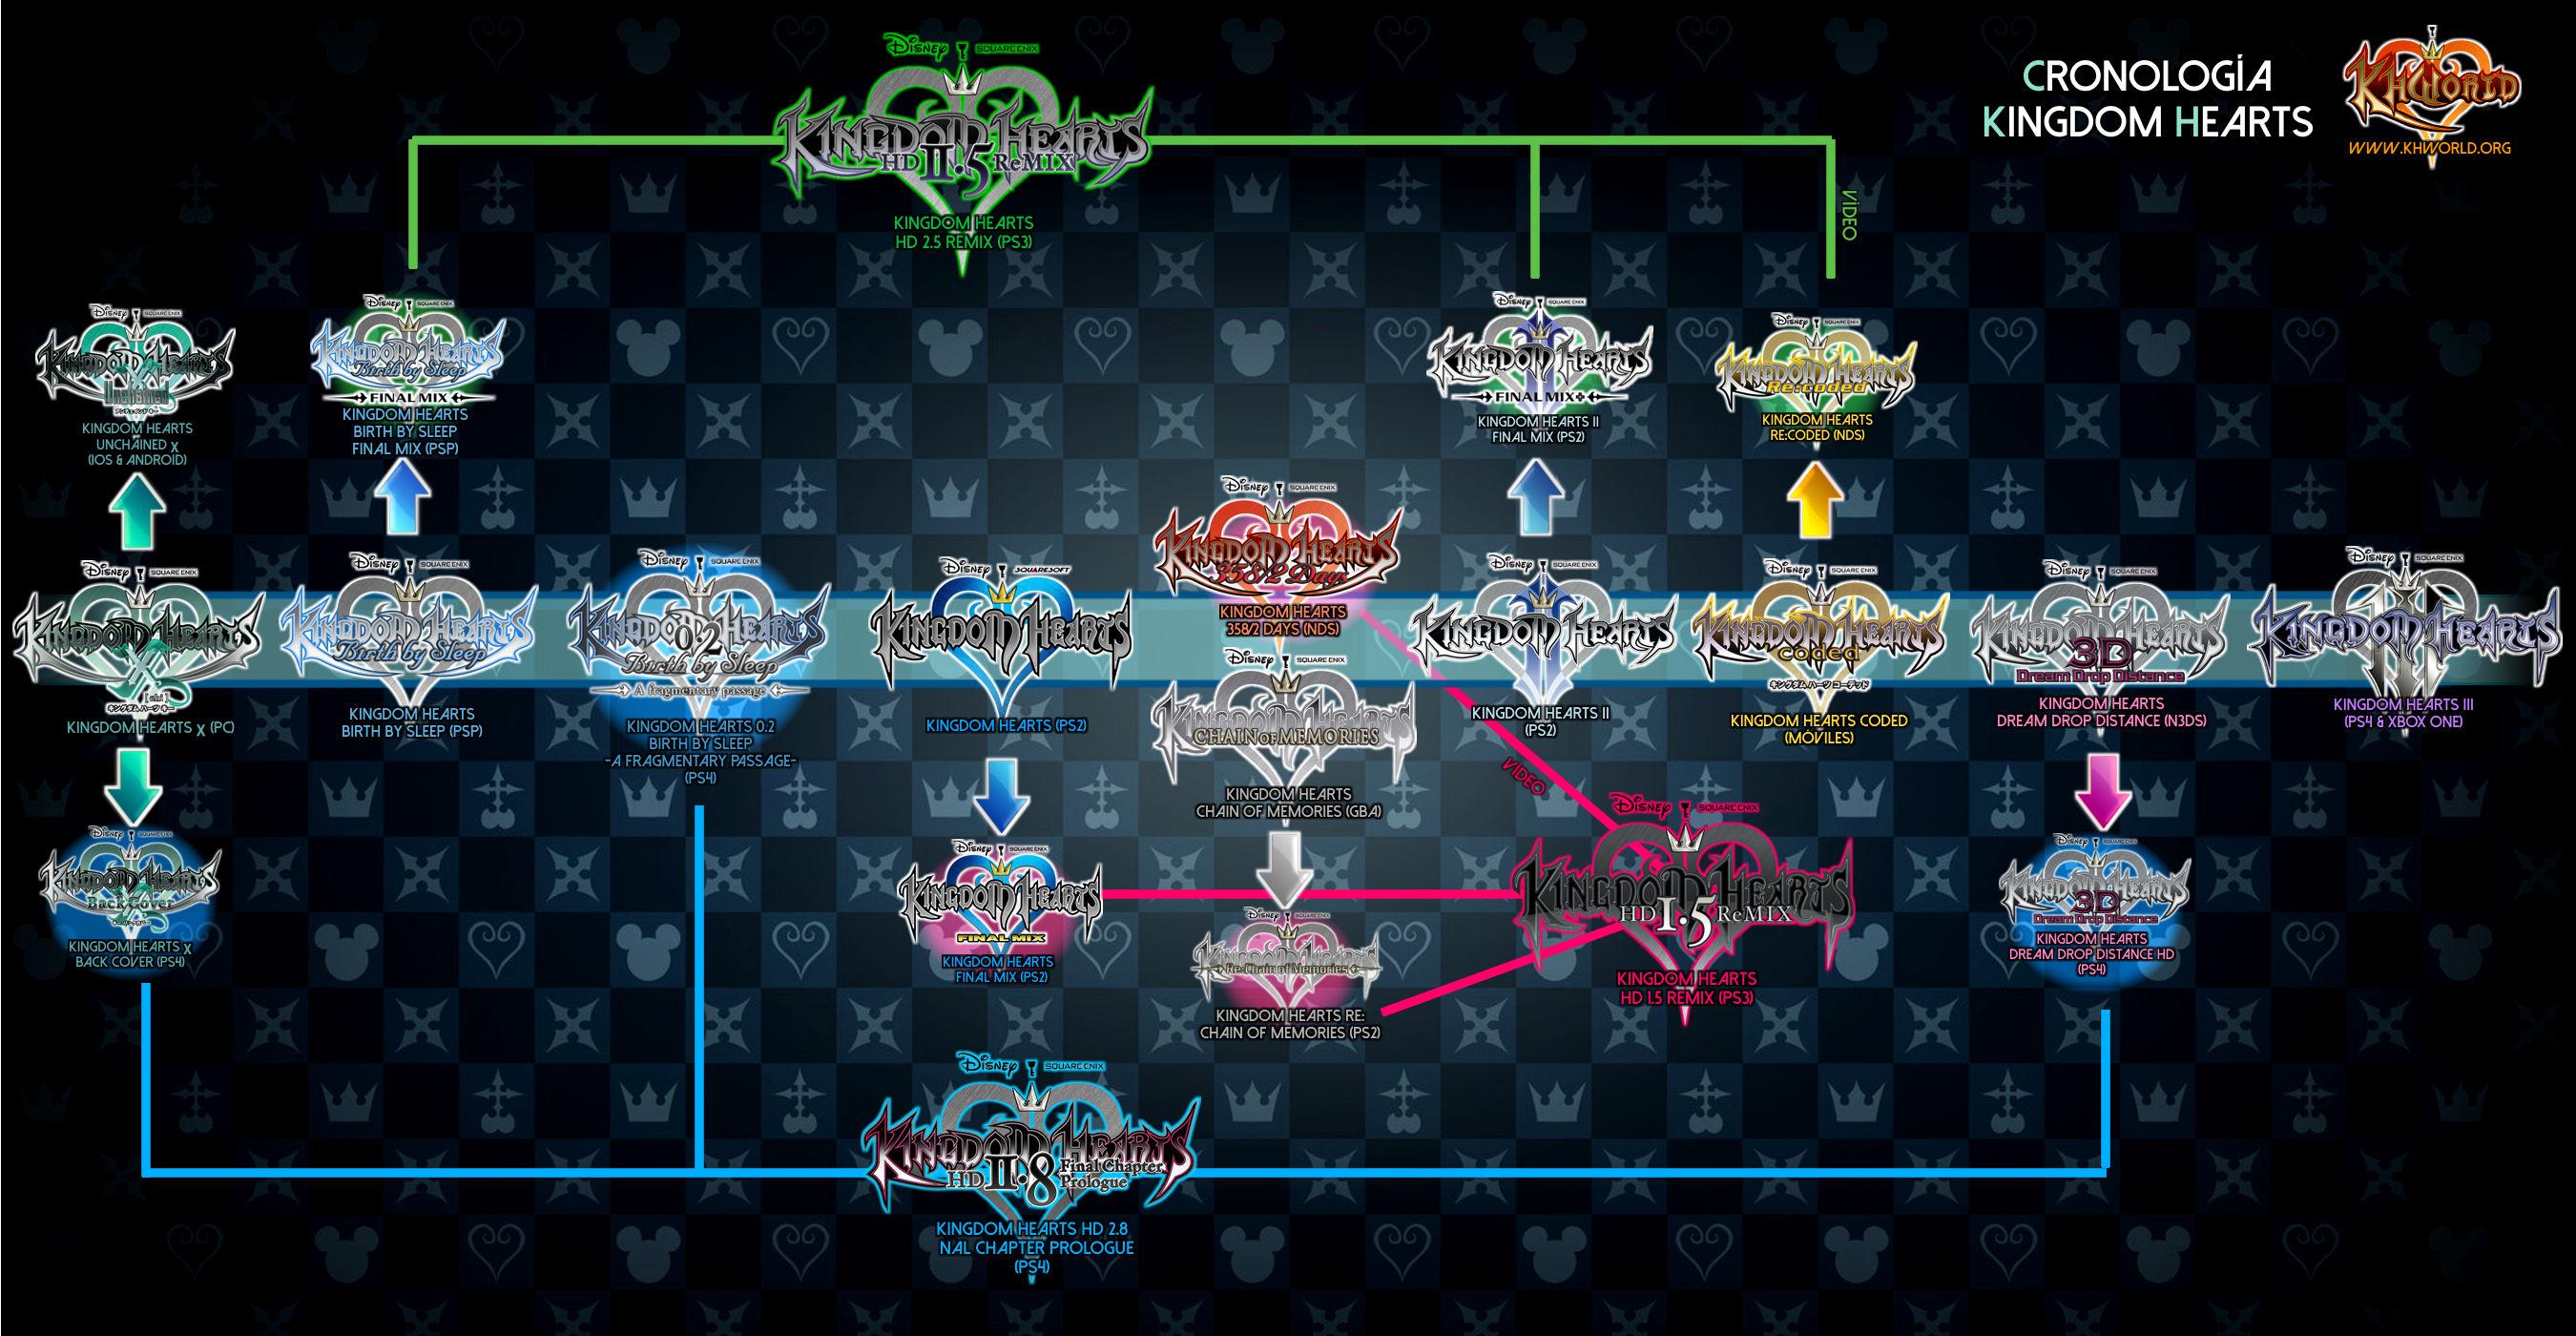 Qual-a-ordem-cronologica-de-Kingdom-Hearts